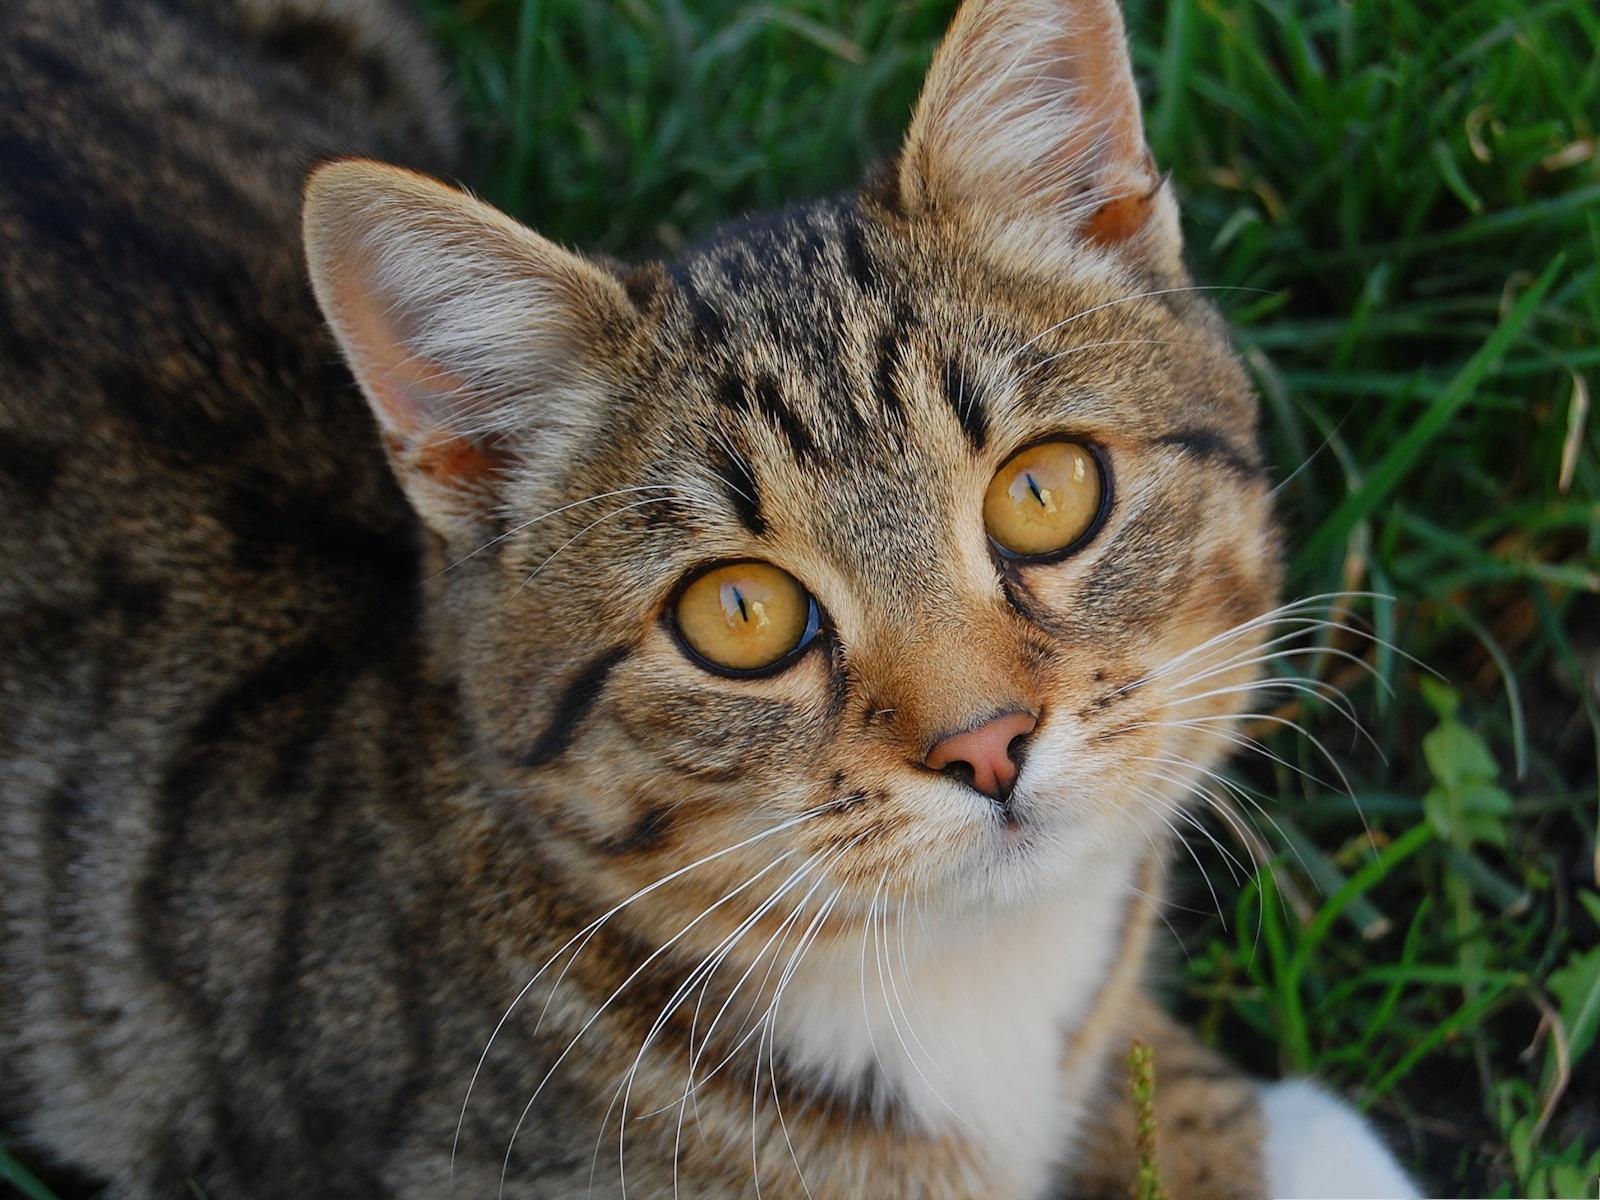 Cute Cats Picture, Kitten in Golden Eyes, Green Grass